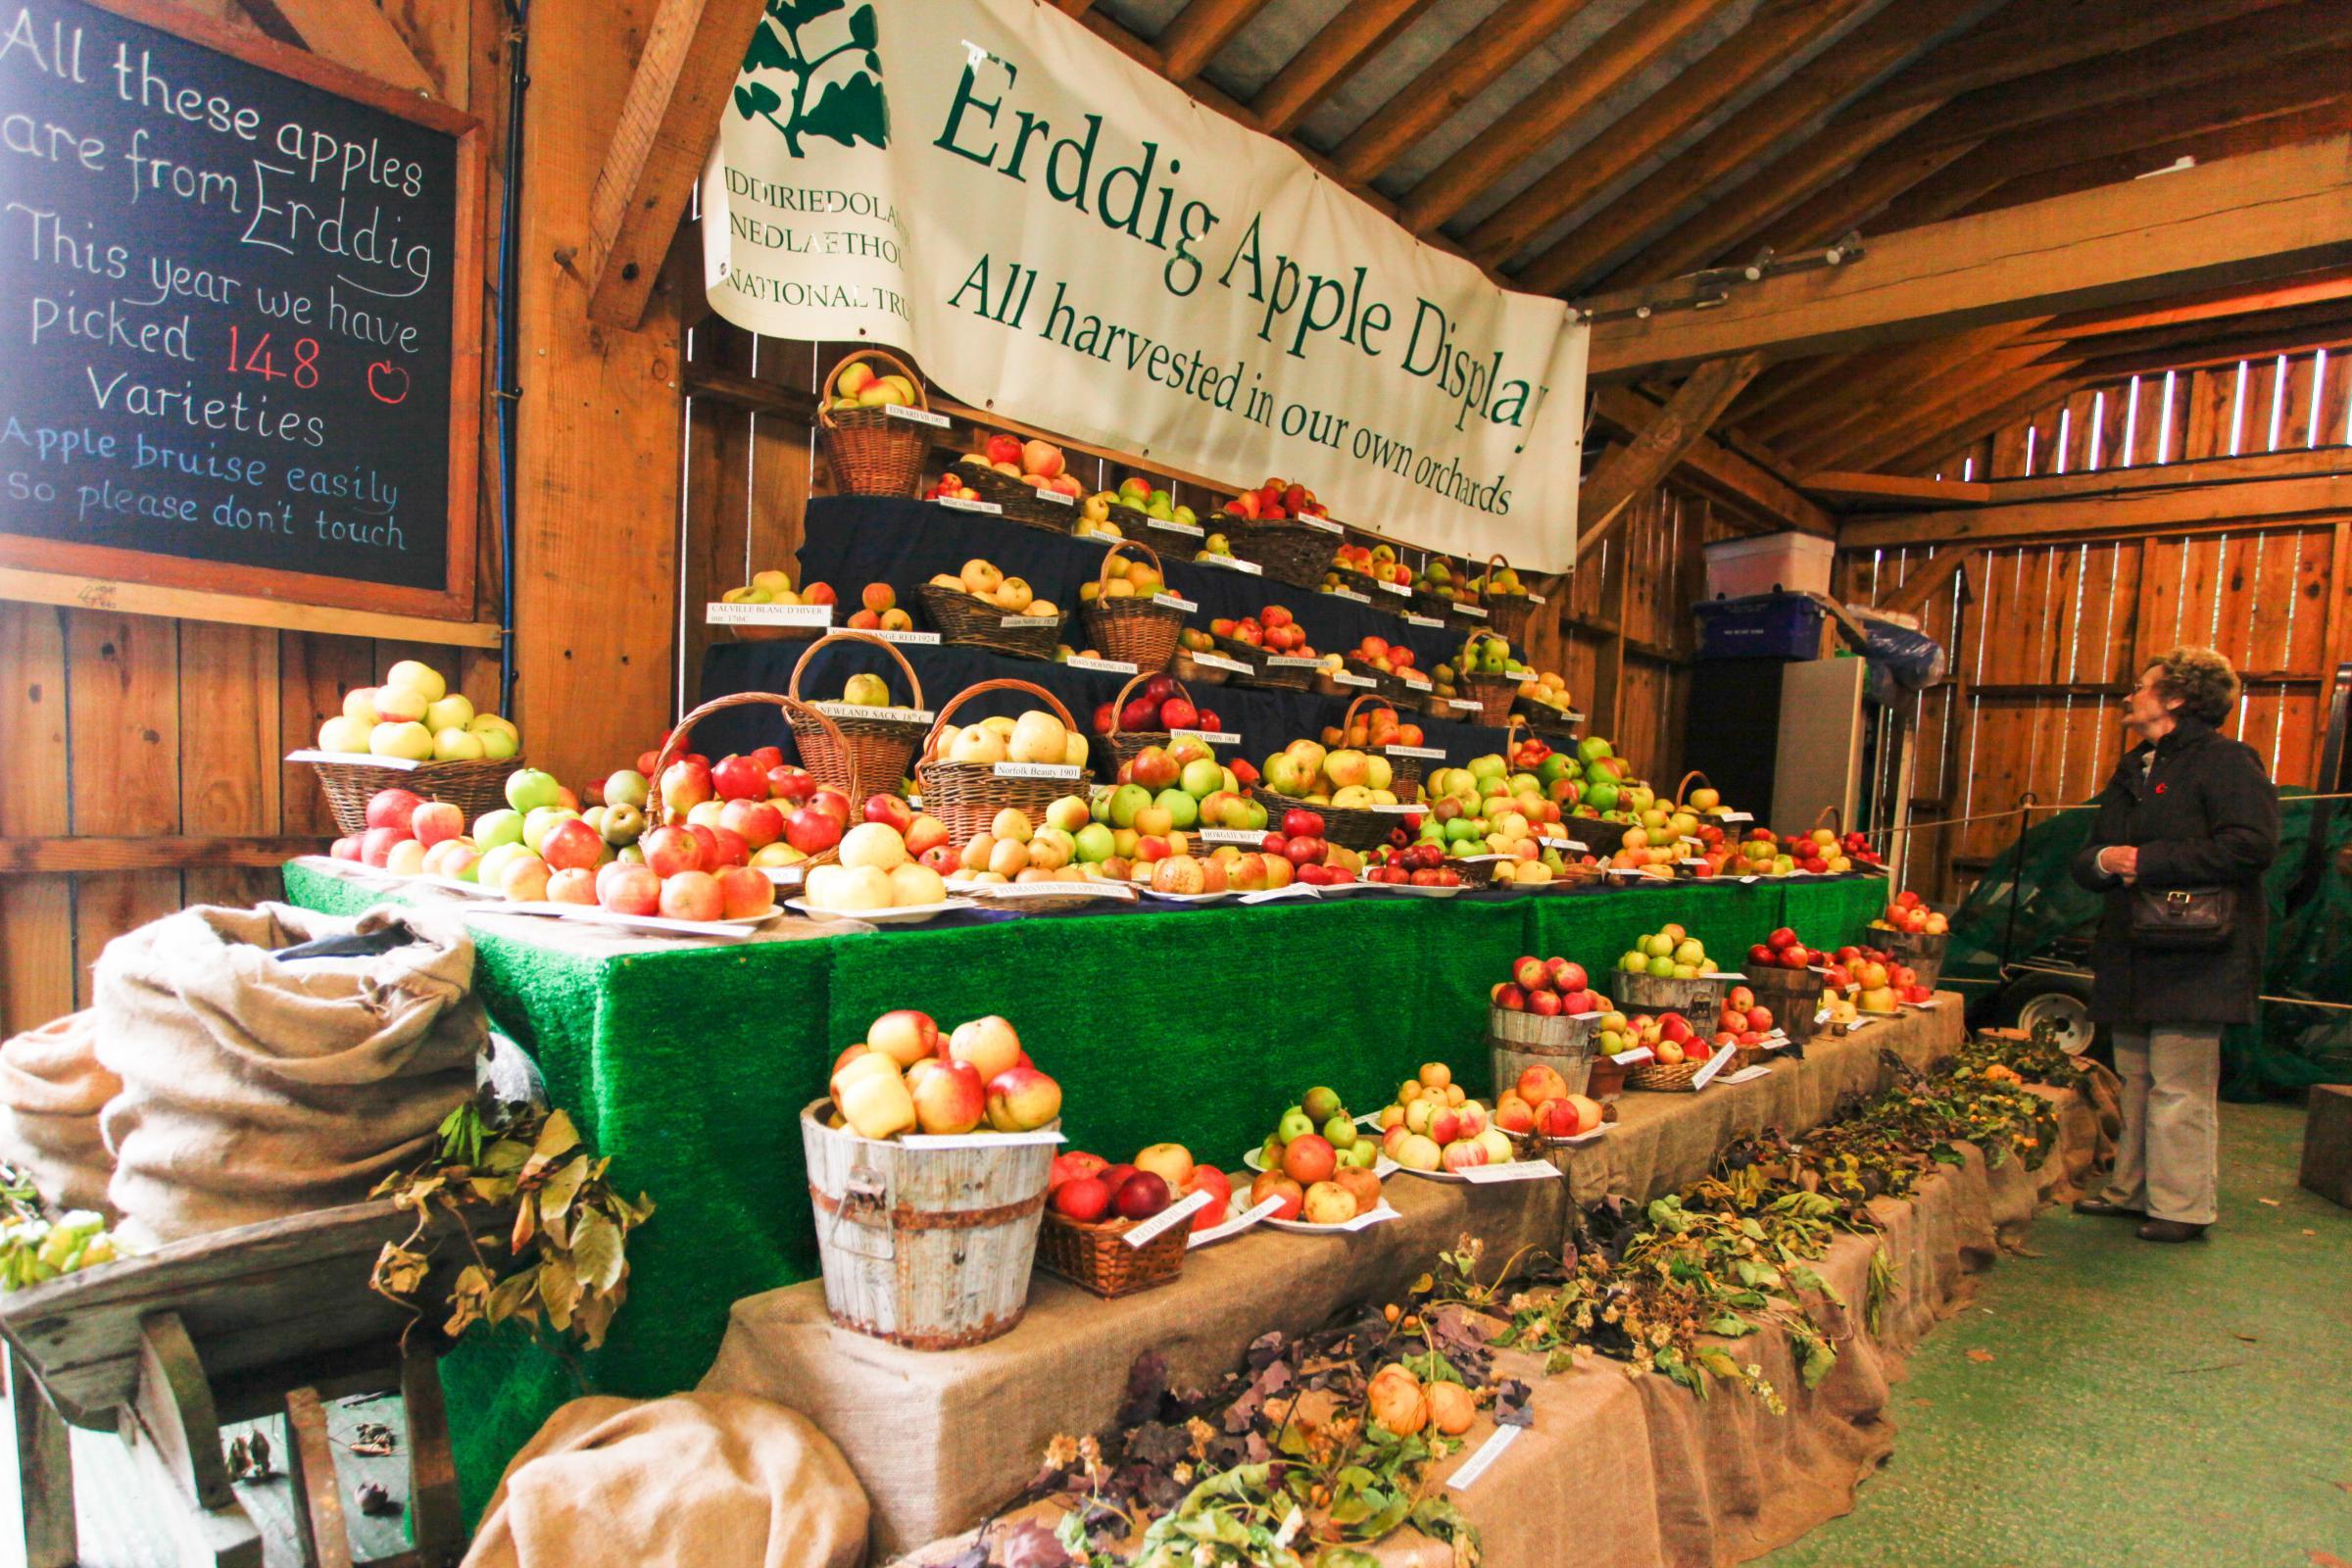 Erddig Apple Harvest returns for 29th year